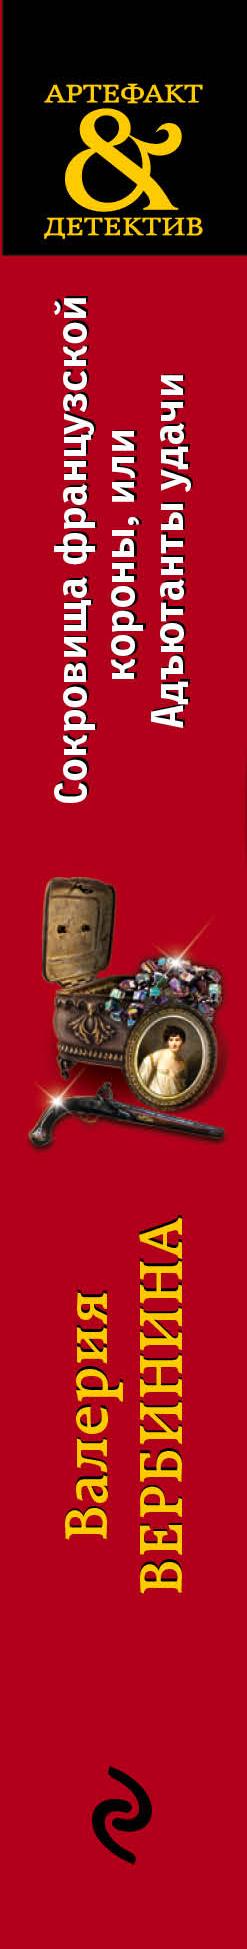 Сокровища французской короны, или Адъютанты удачи